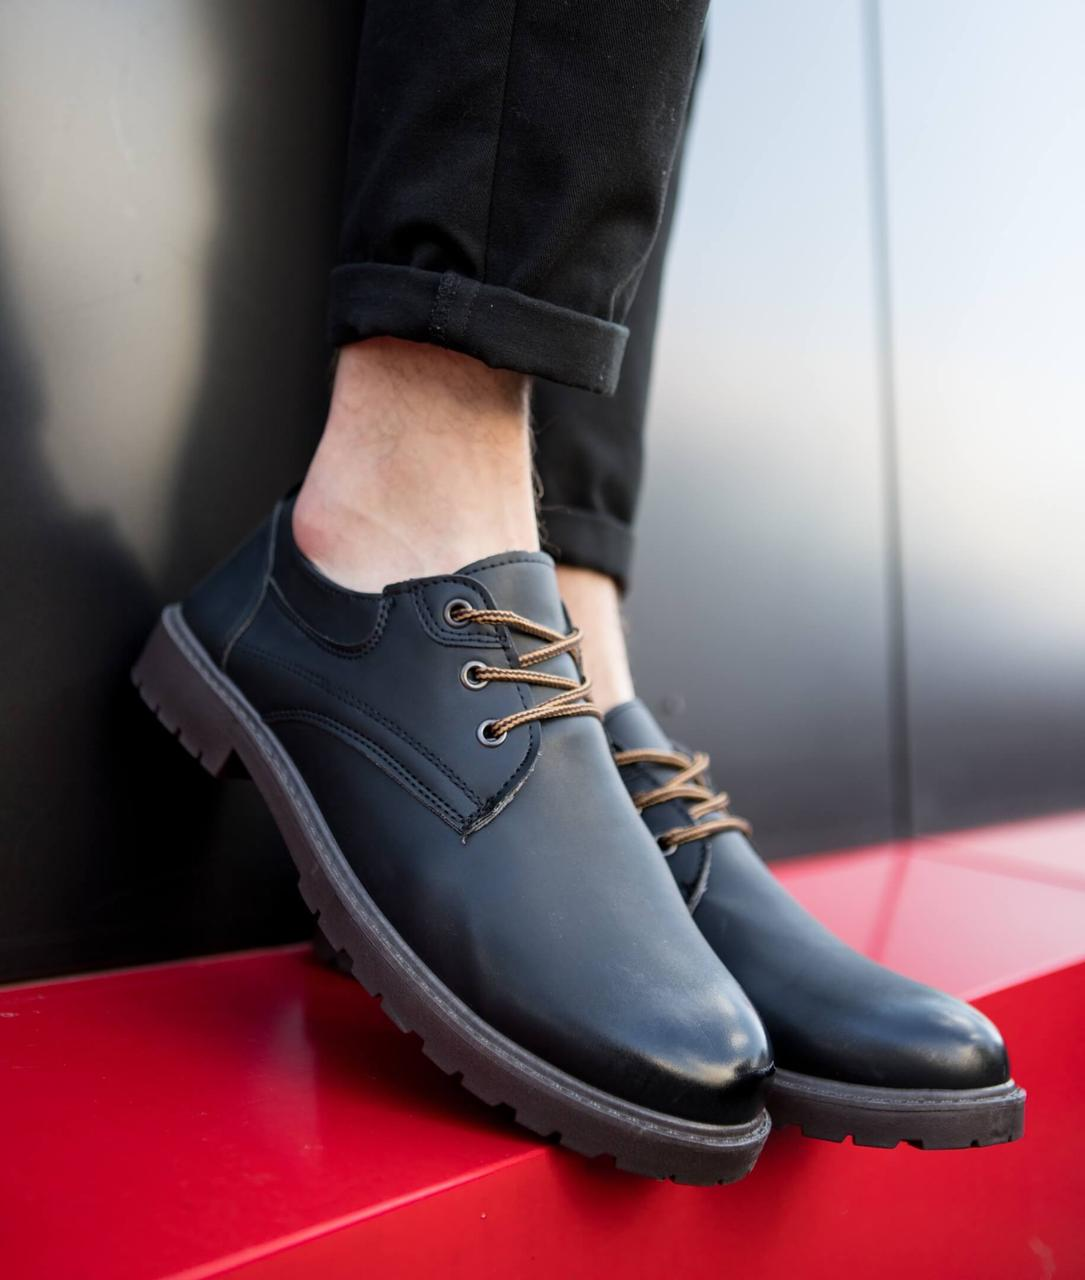 Чоловічі кросівки Броги Фешн V2 (чорні)